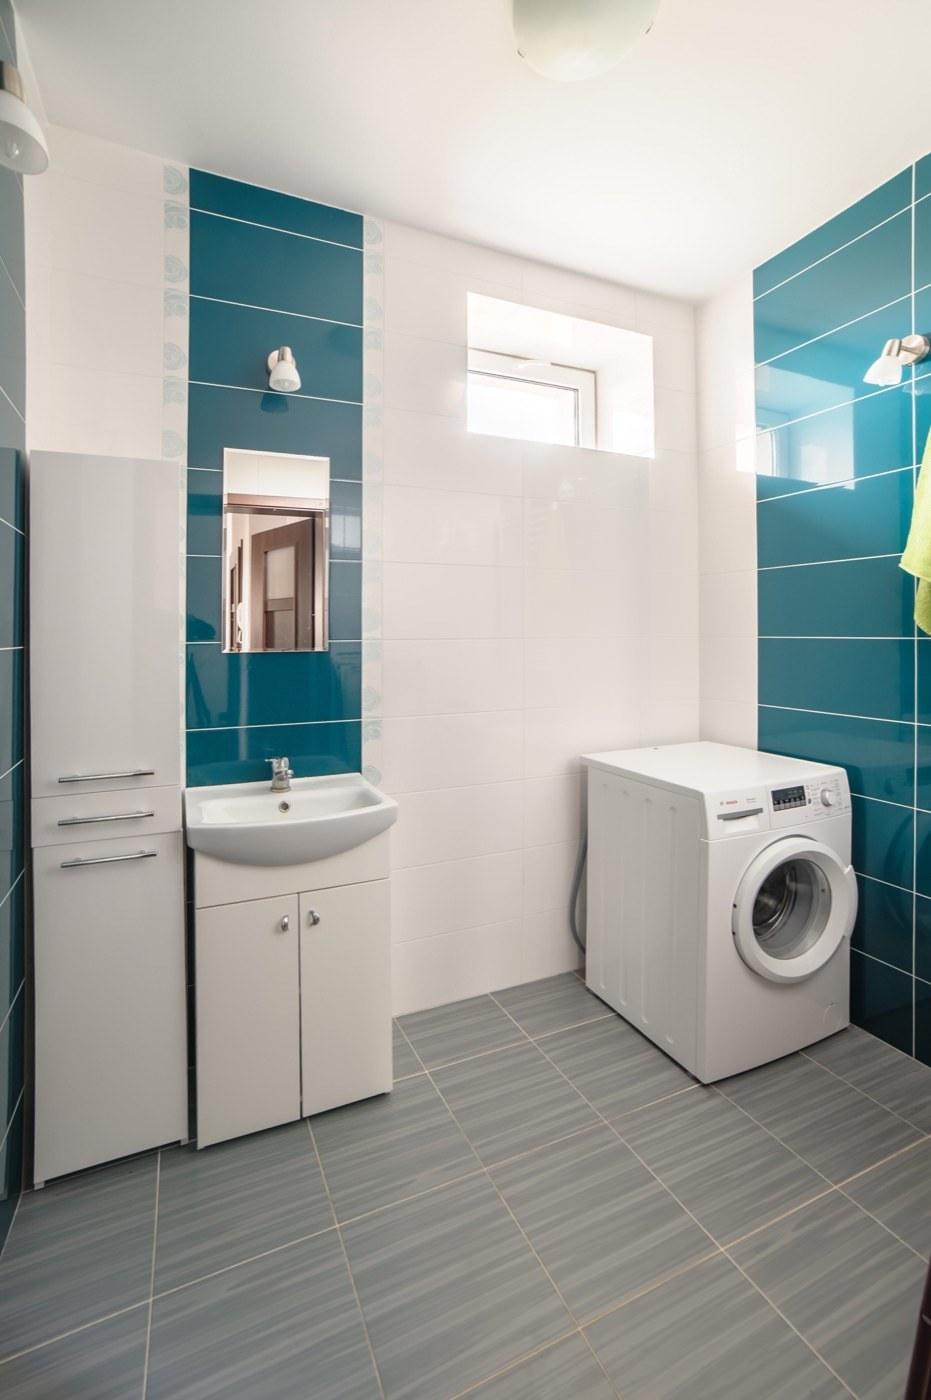 Zdjęcia domu na sprzedaż - pralnia